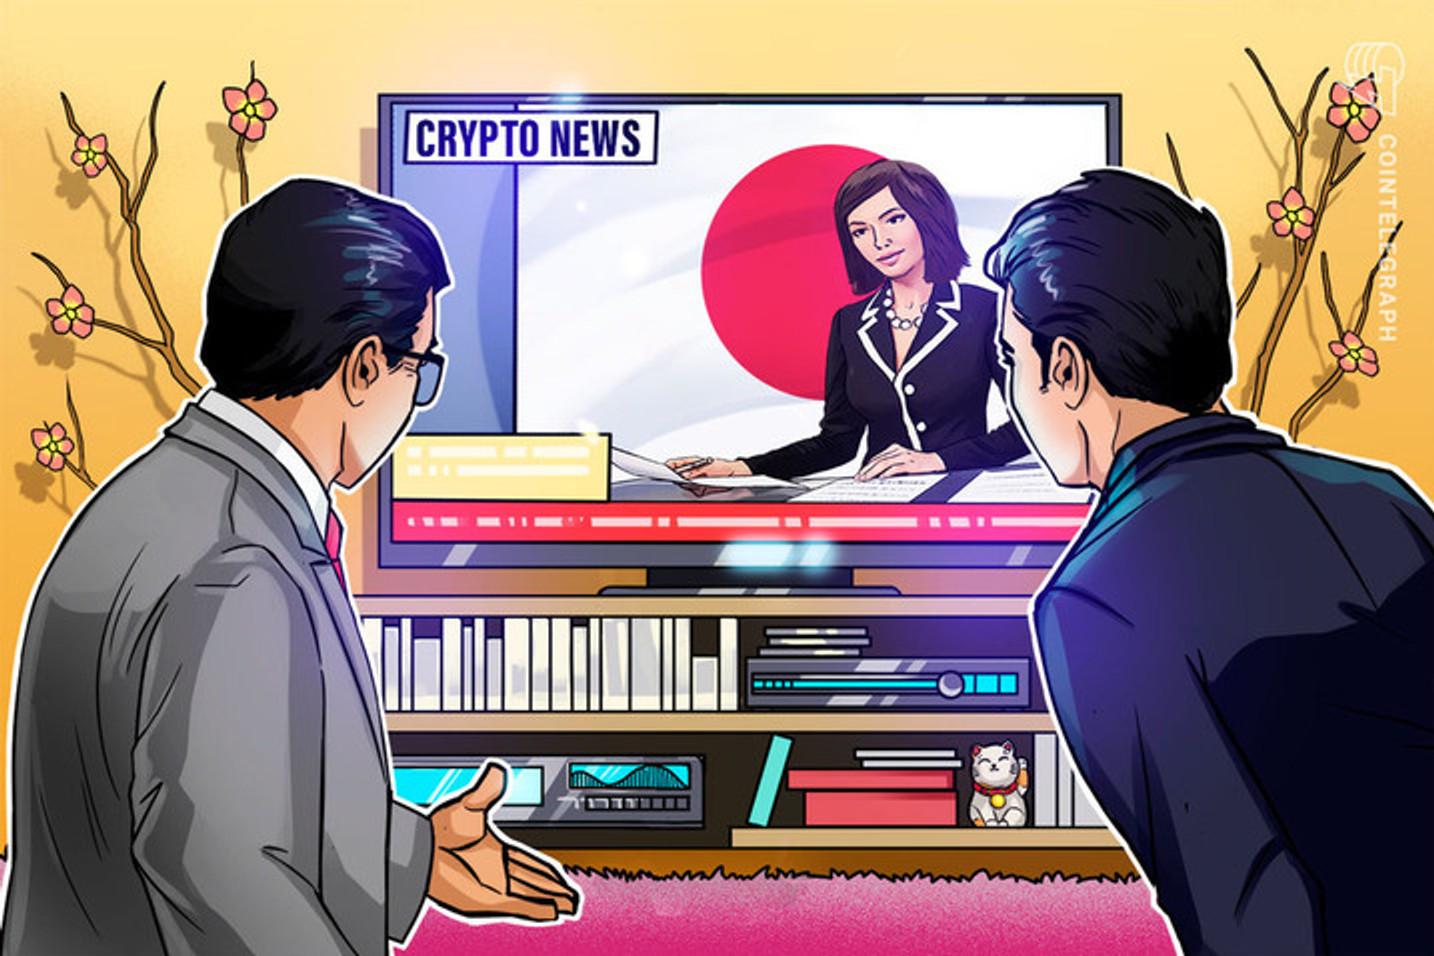 仮想通貨取引所ビットフライヤー 日欧間のクロスボーダー取引開始 ビットコイン・円ペアが対象